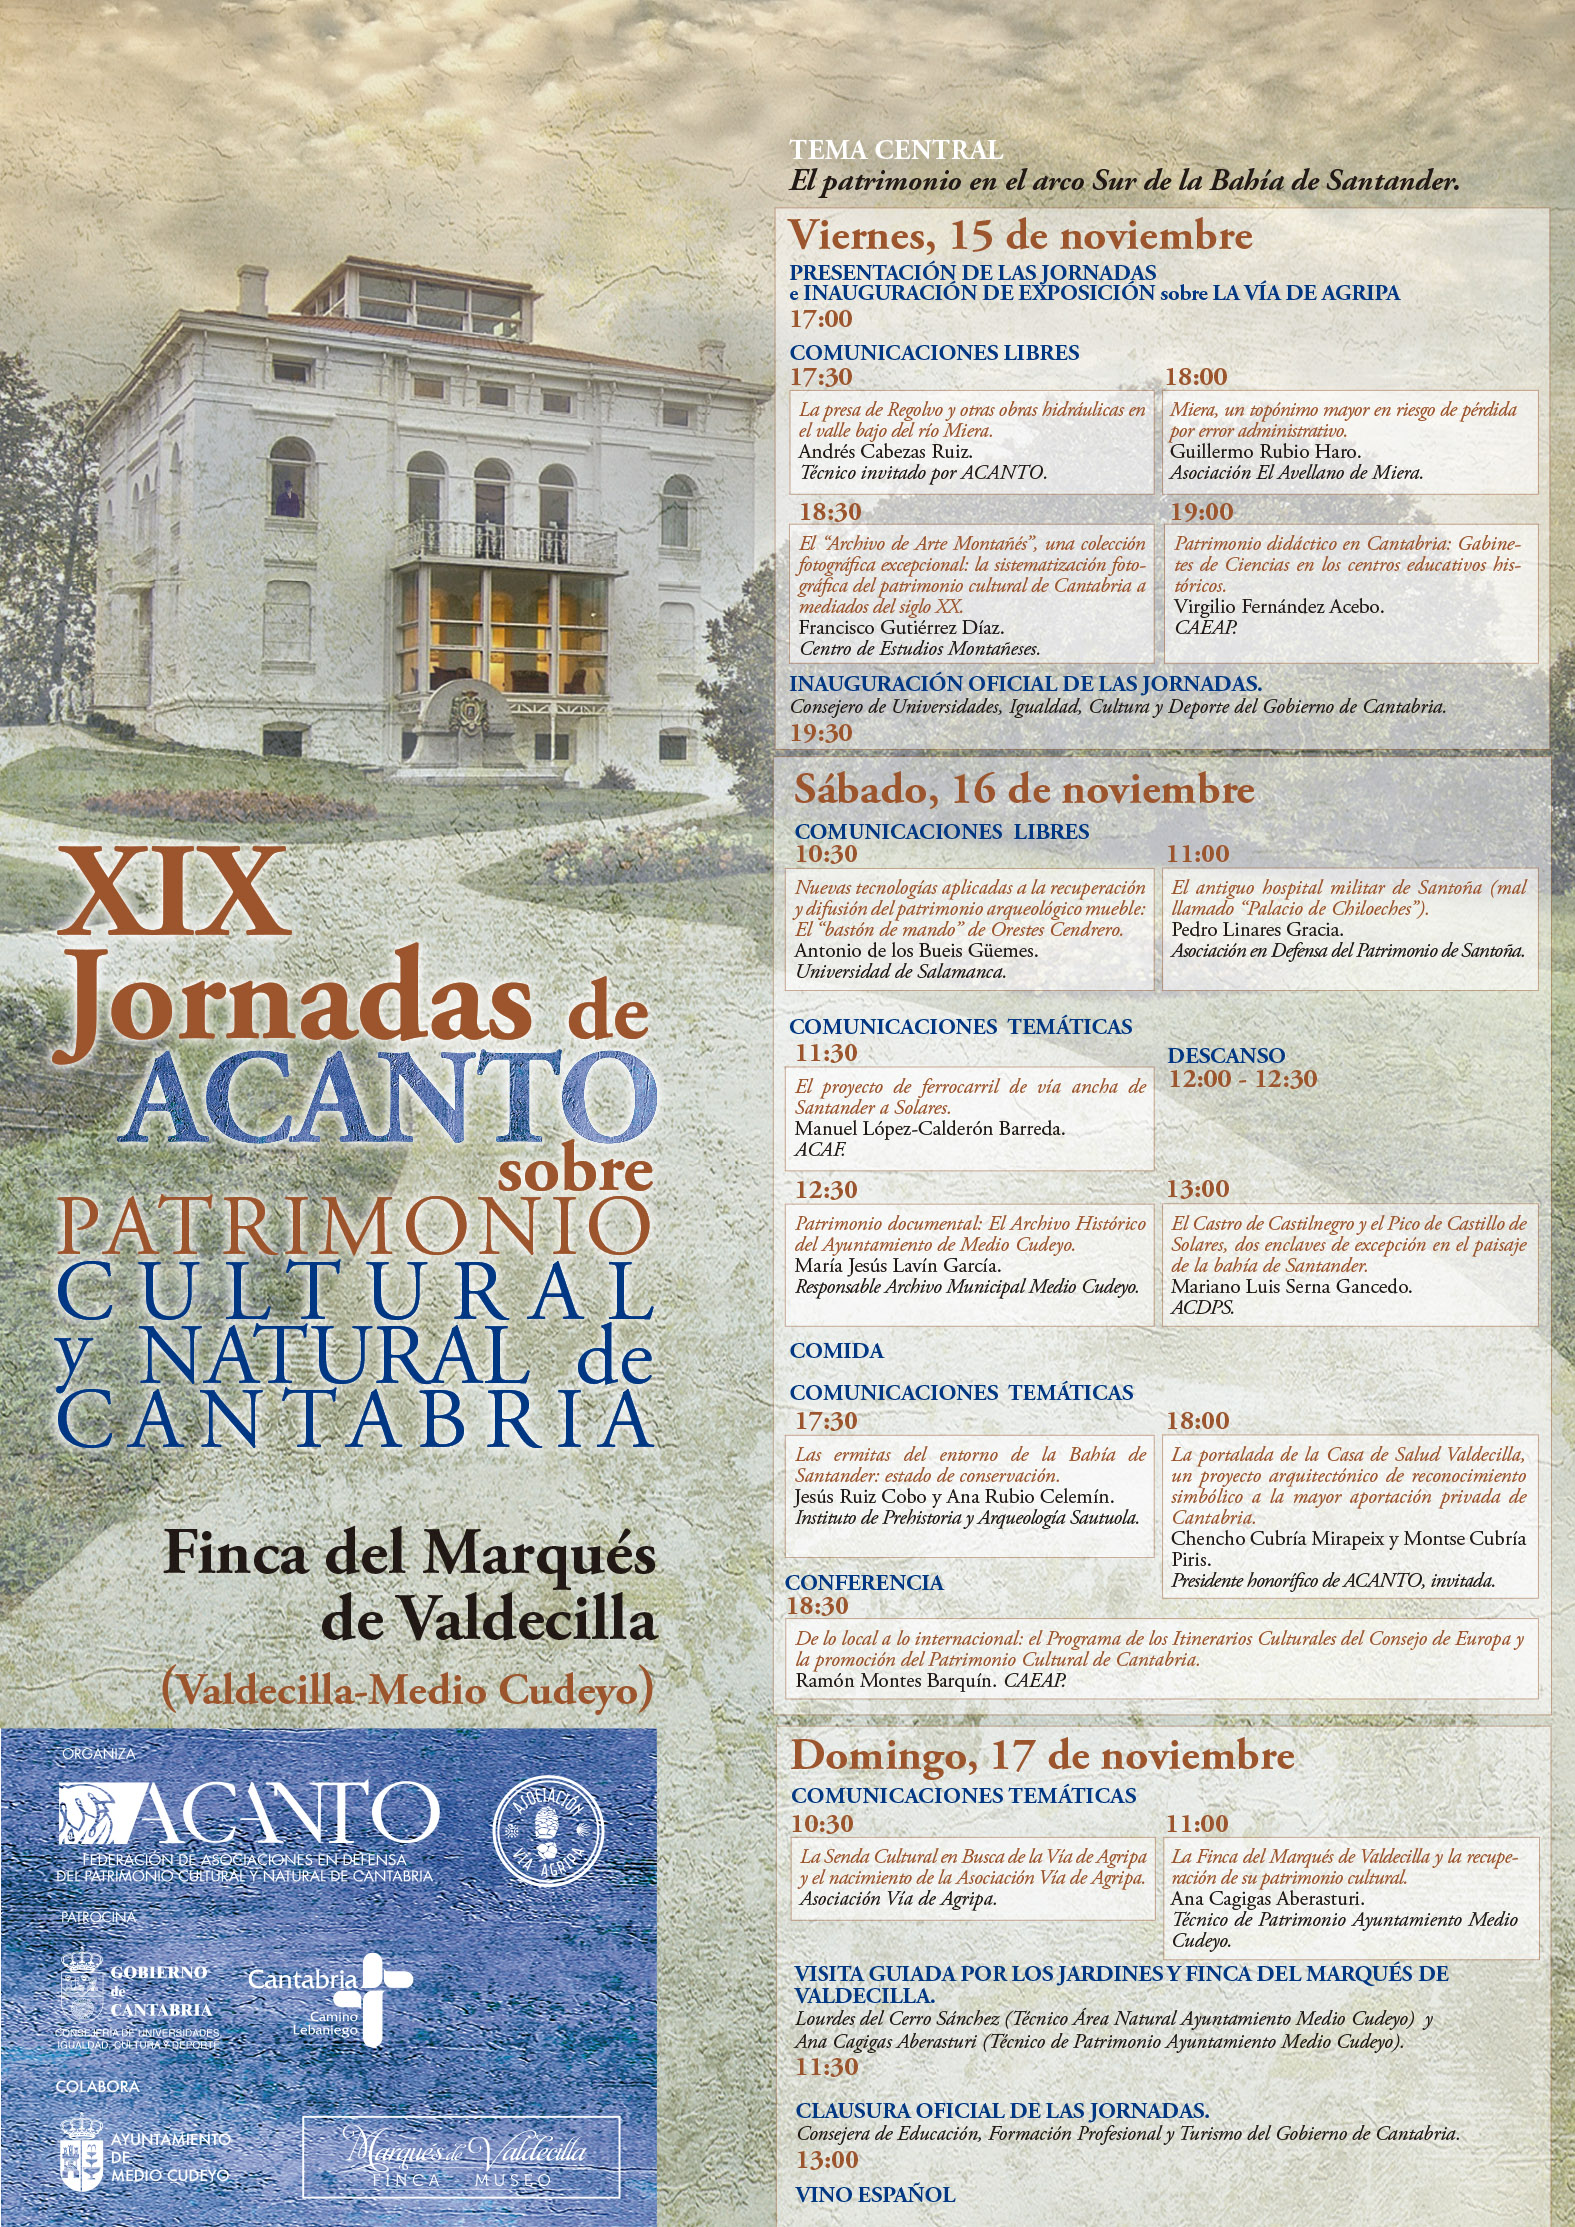 XIX Jornadas Acanto de Patrimonio (2019): Valdecilla, Noviembre 15, 16 y 17 (viernes, sábado y domingo). PROGRAMA Y HORARIOS.